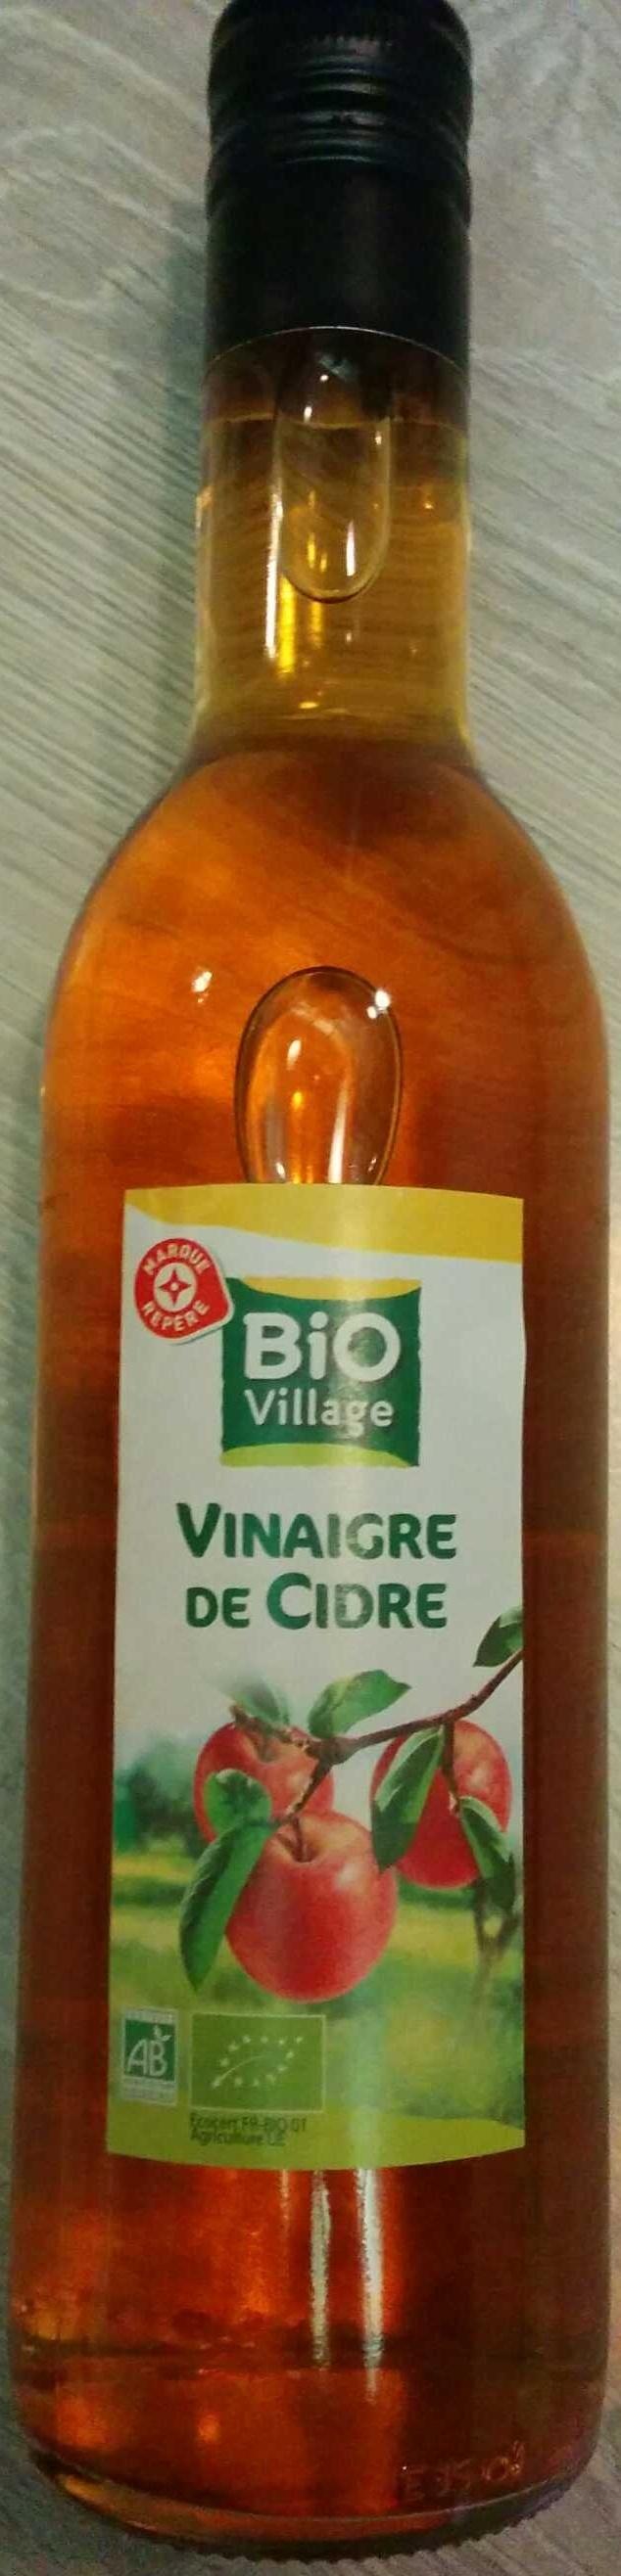 Vinaigre de cidre (5% acidité) - Bio Village - 50 cl